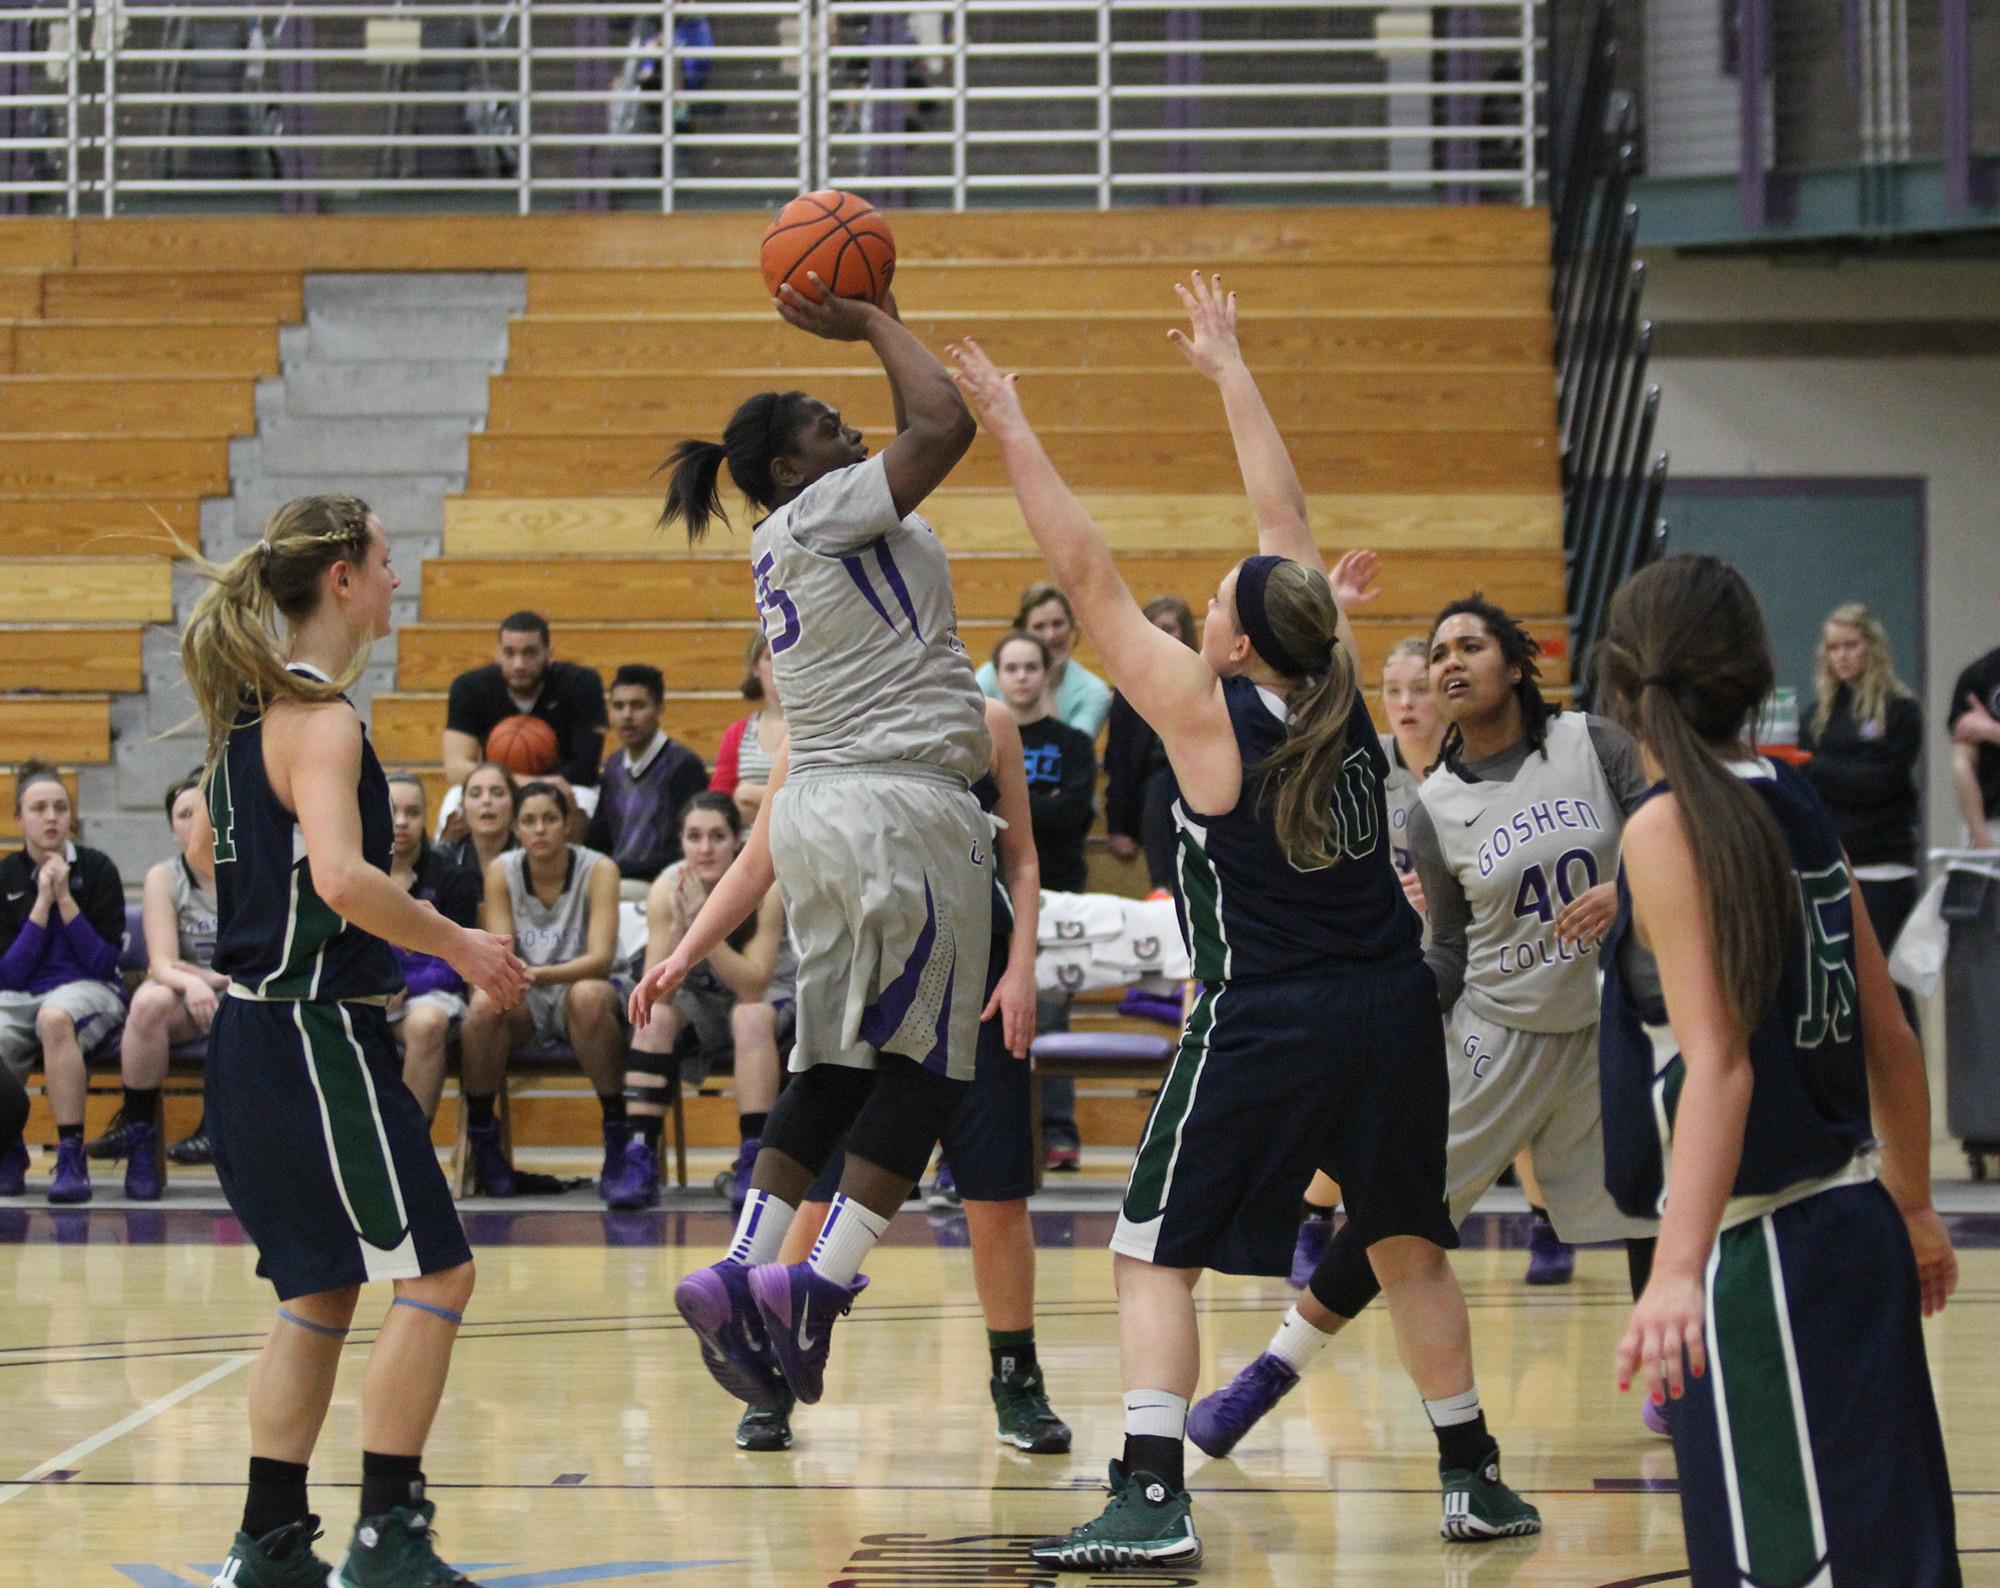 basketball player shoots ball